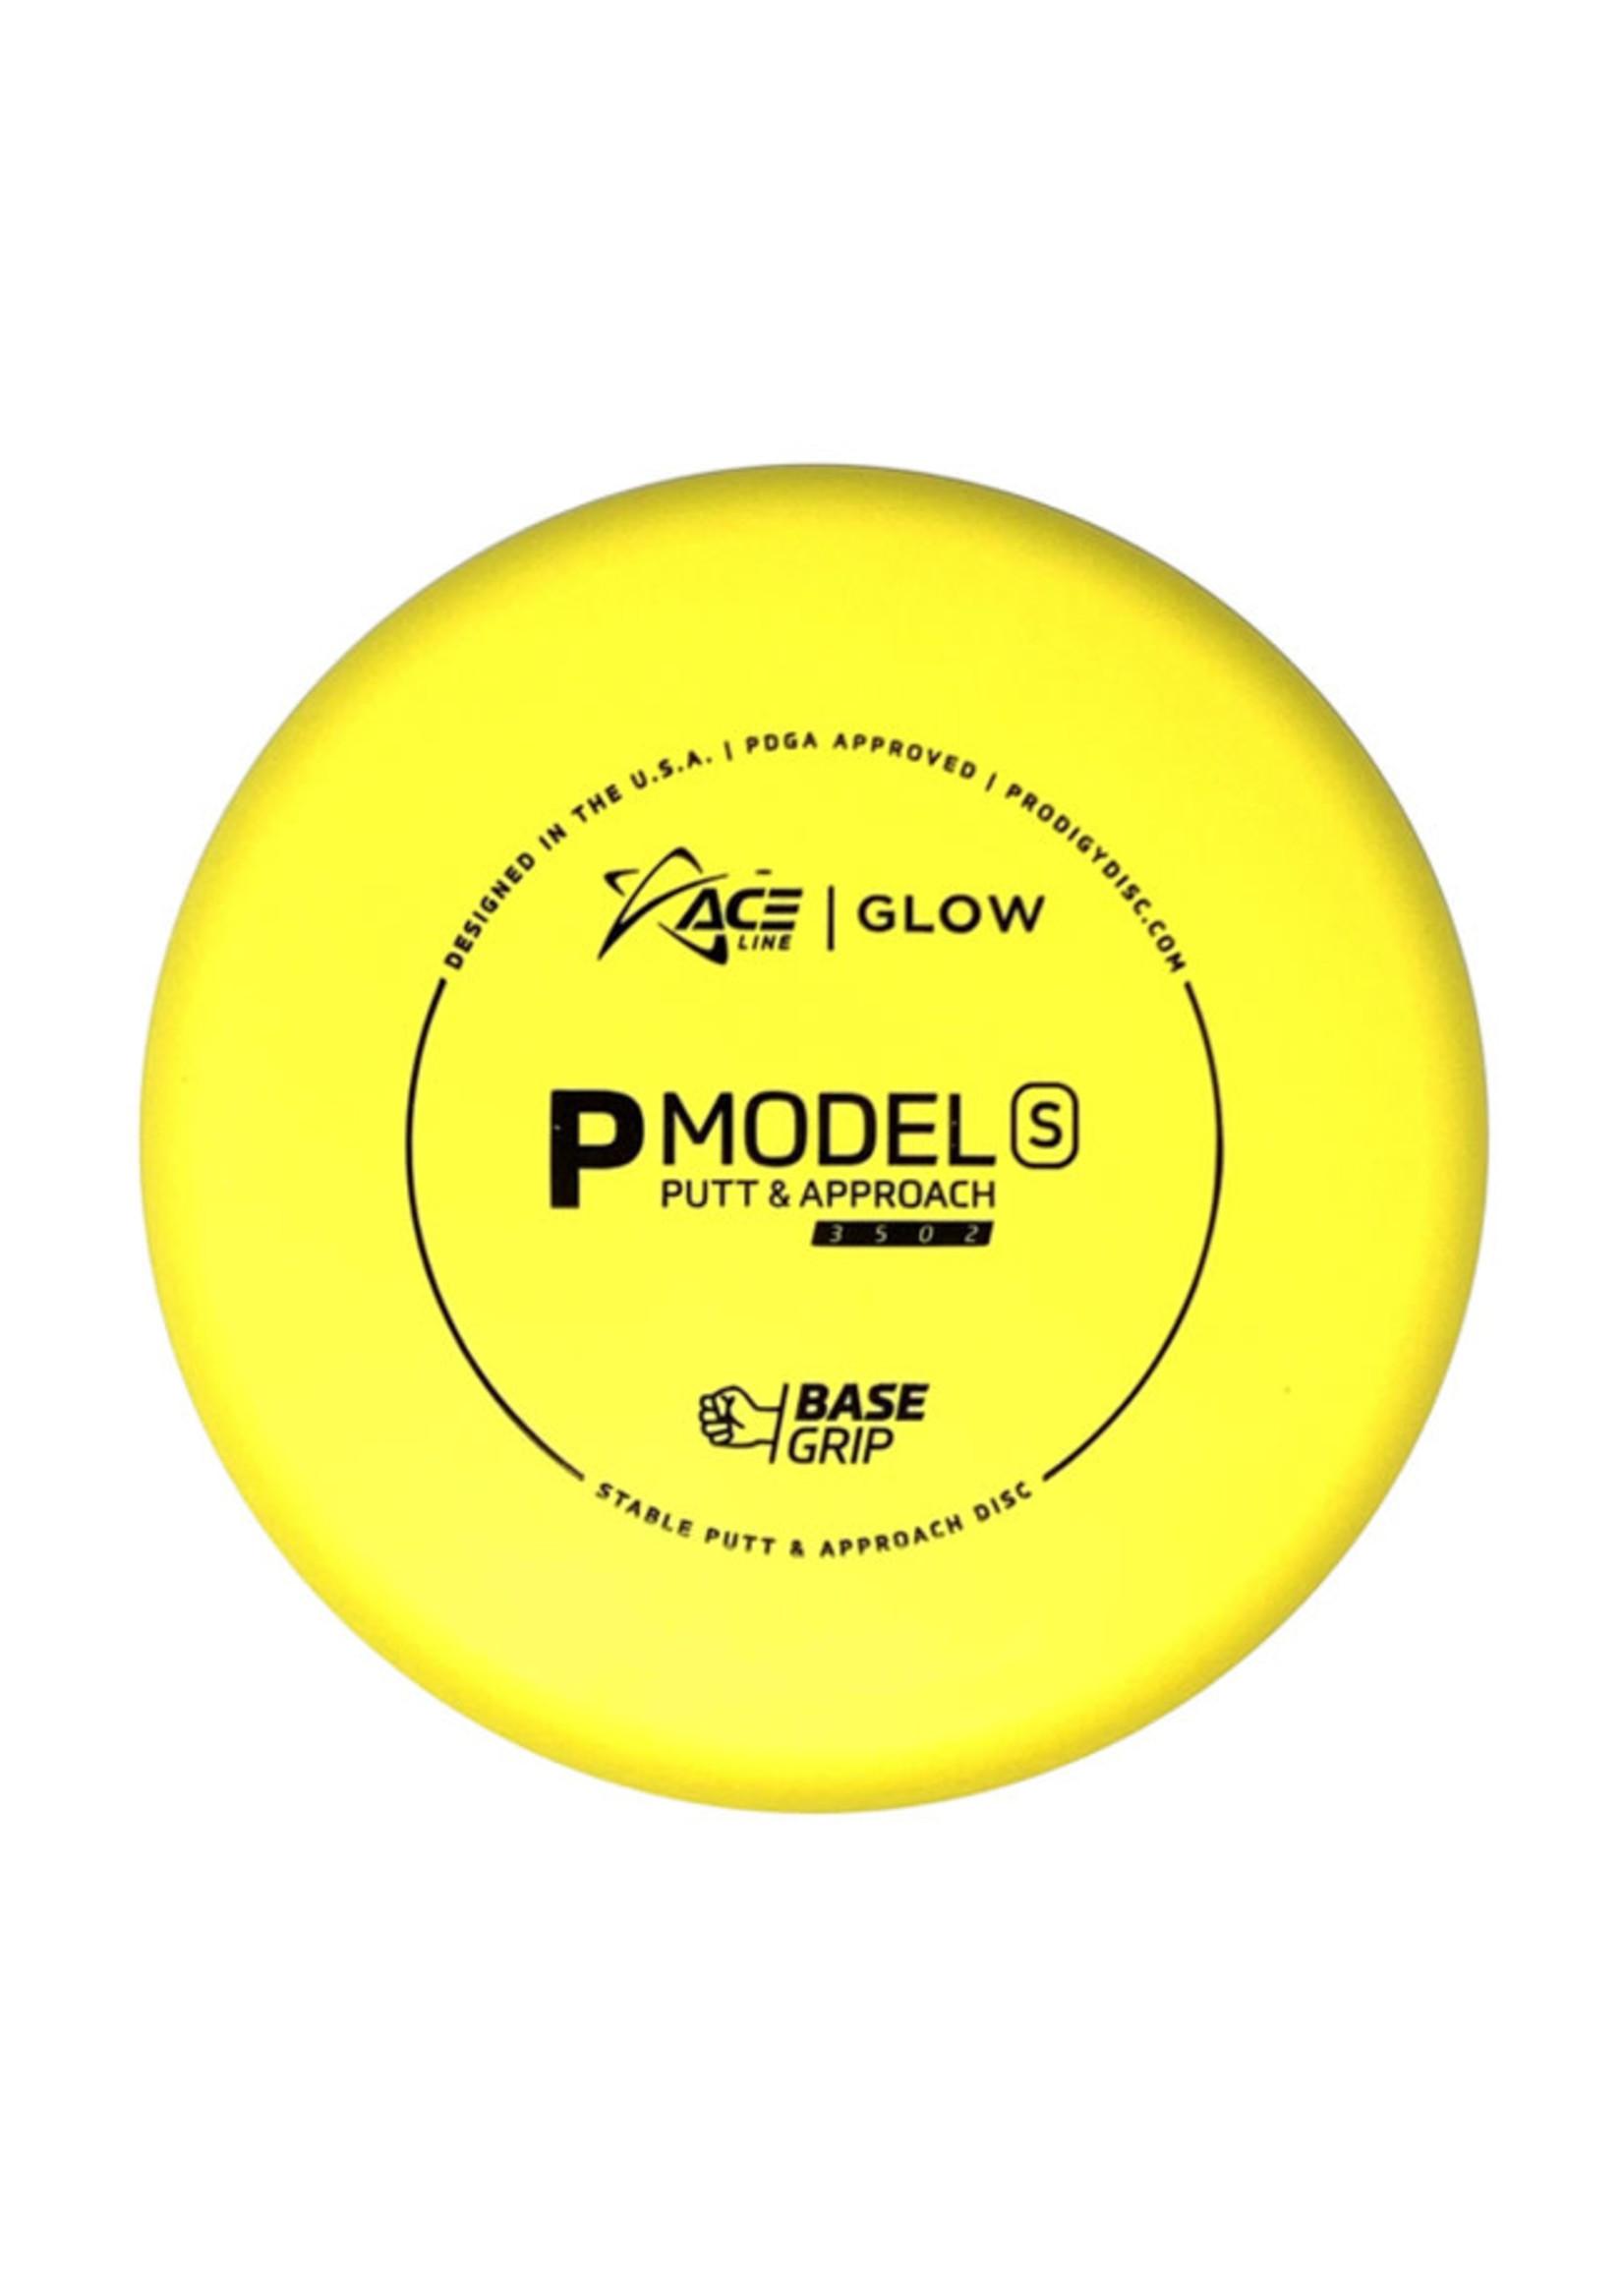 Prodigy Prodigy Ace P Model S Putt & Approach